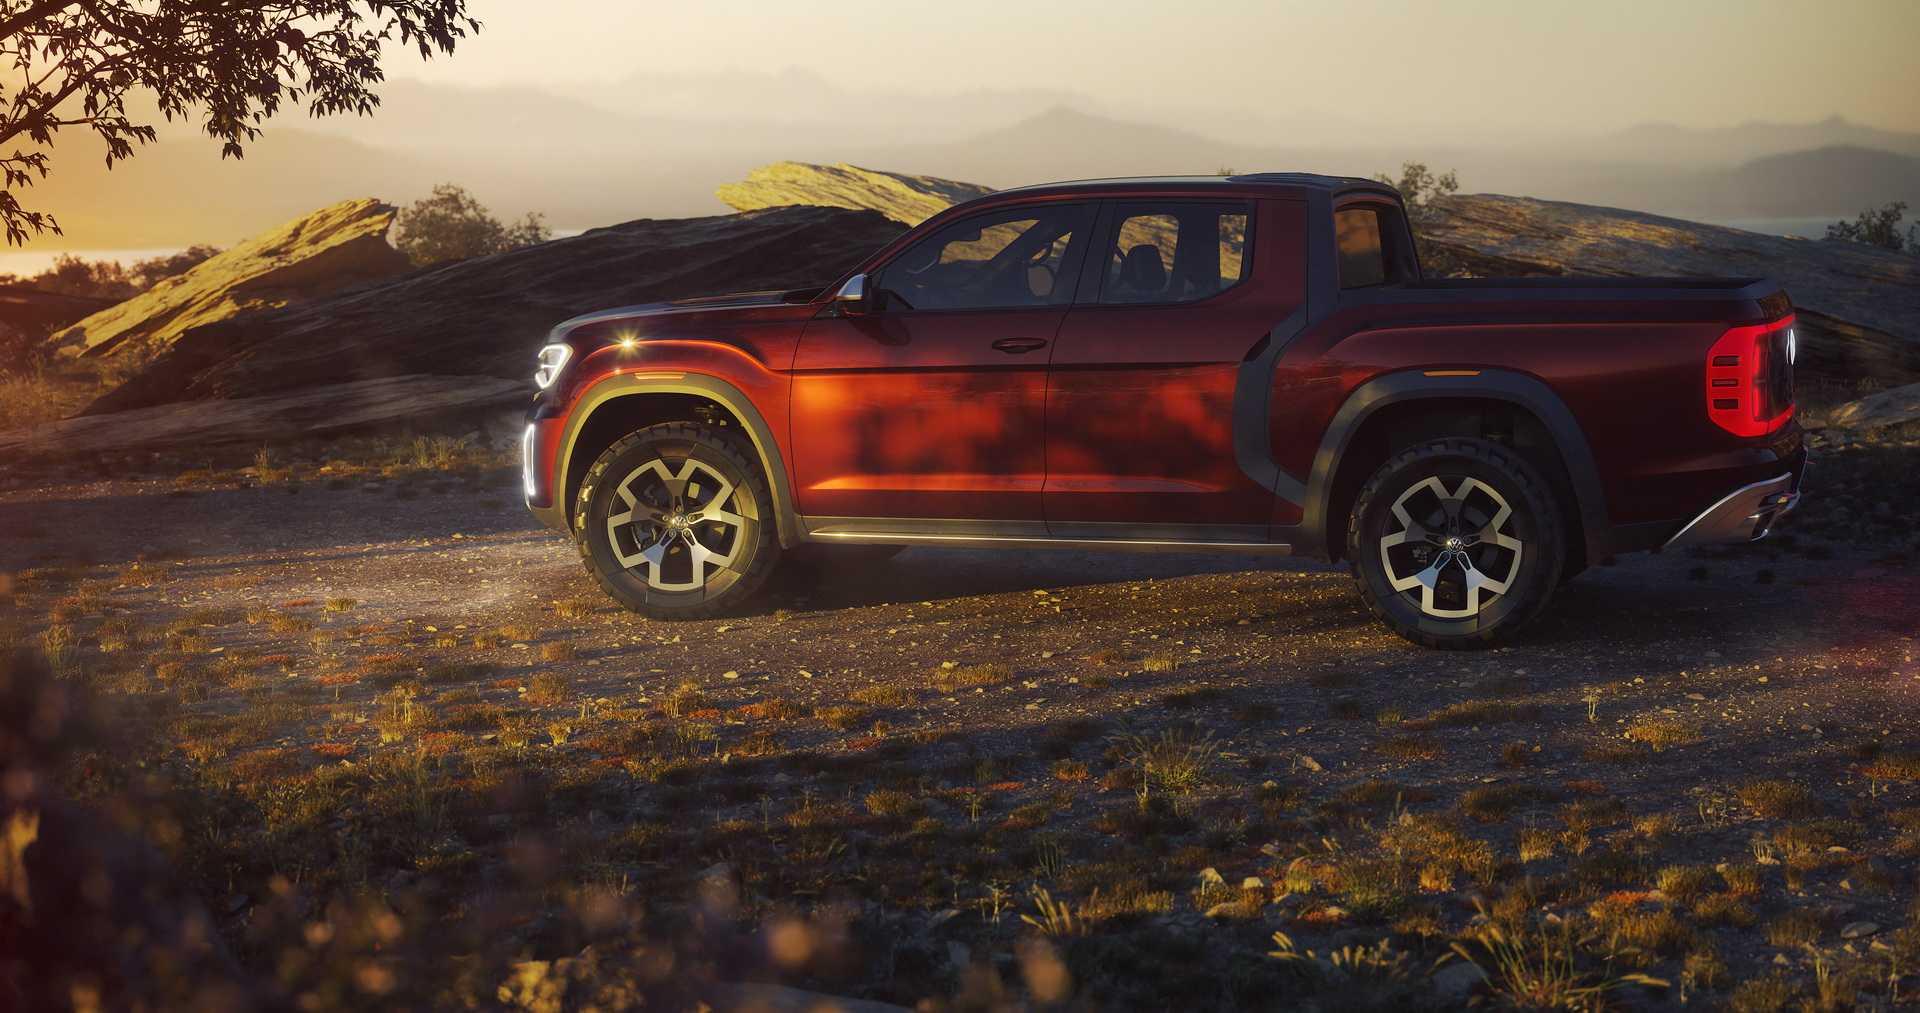 york  volkswagen presenta la camioneta conceptual atlas tanoak rutamotor